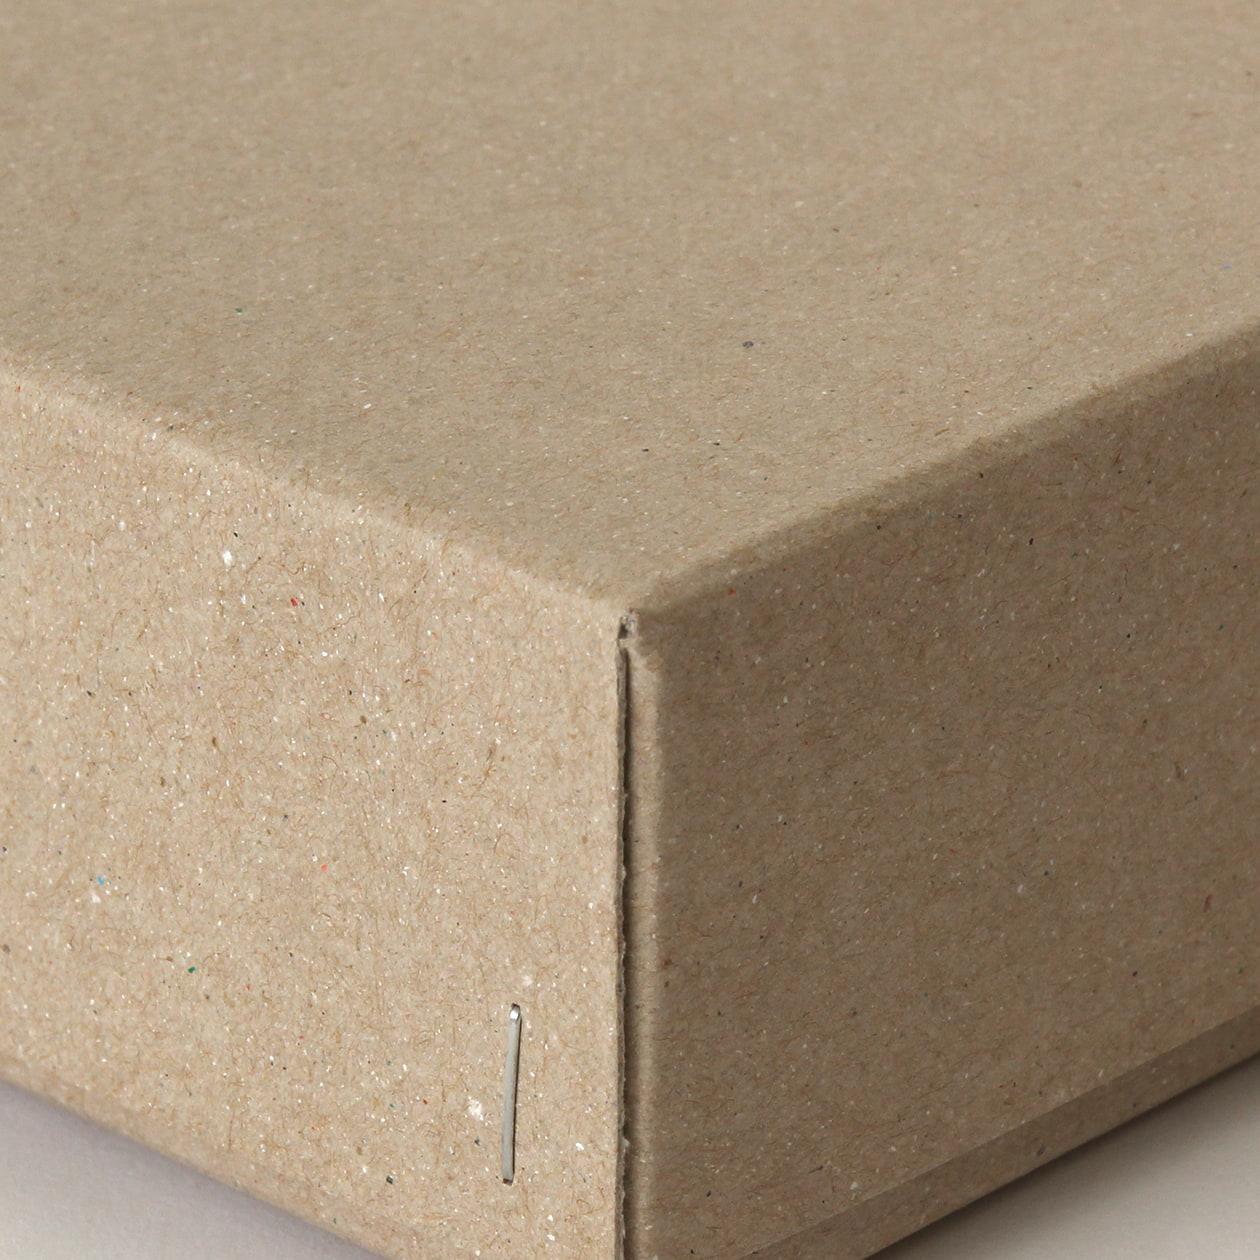 ホッチキス箱 サイズM_4 ボード紙 サンド